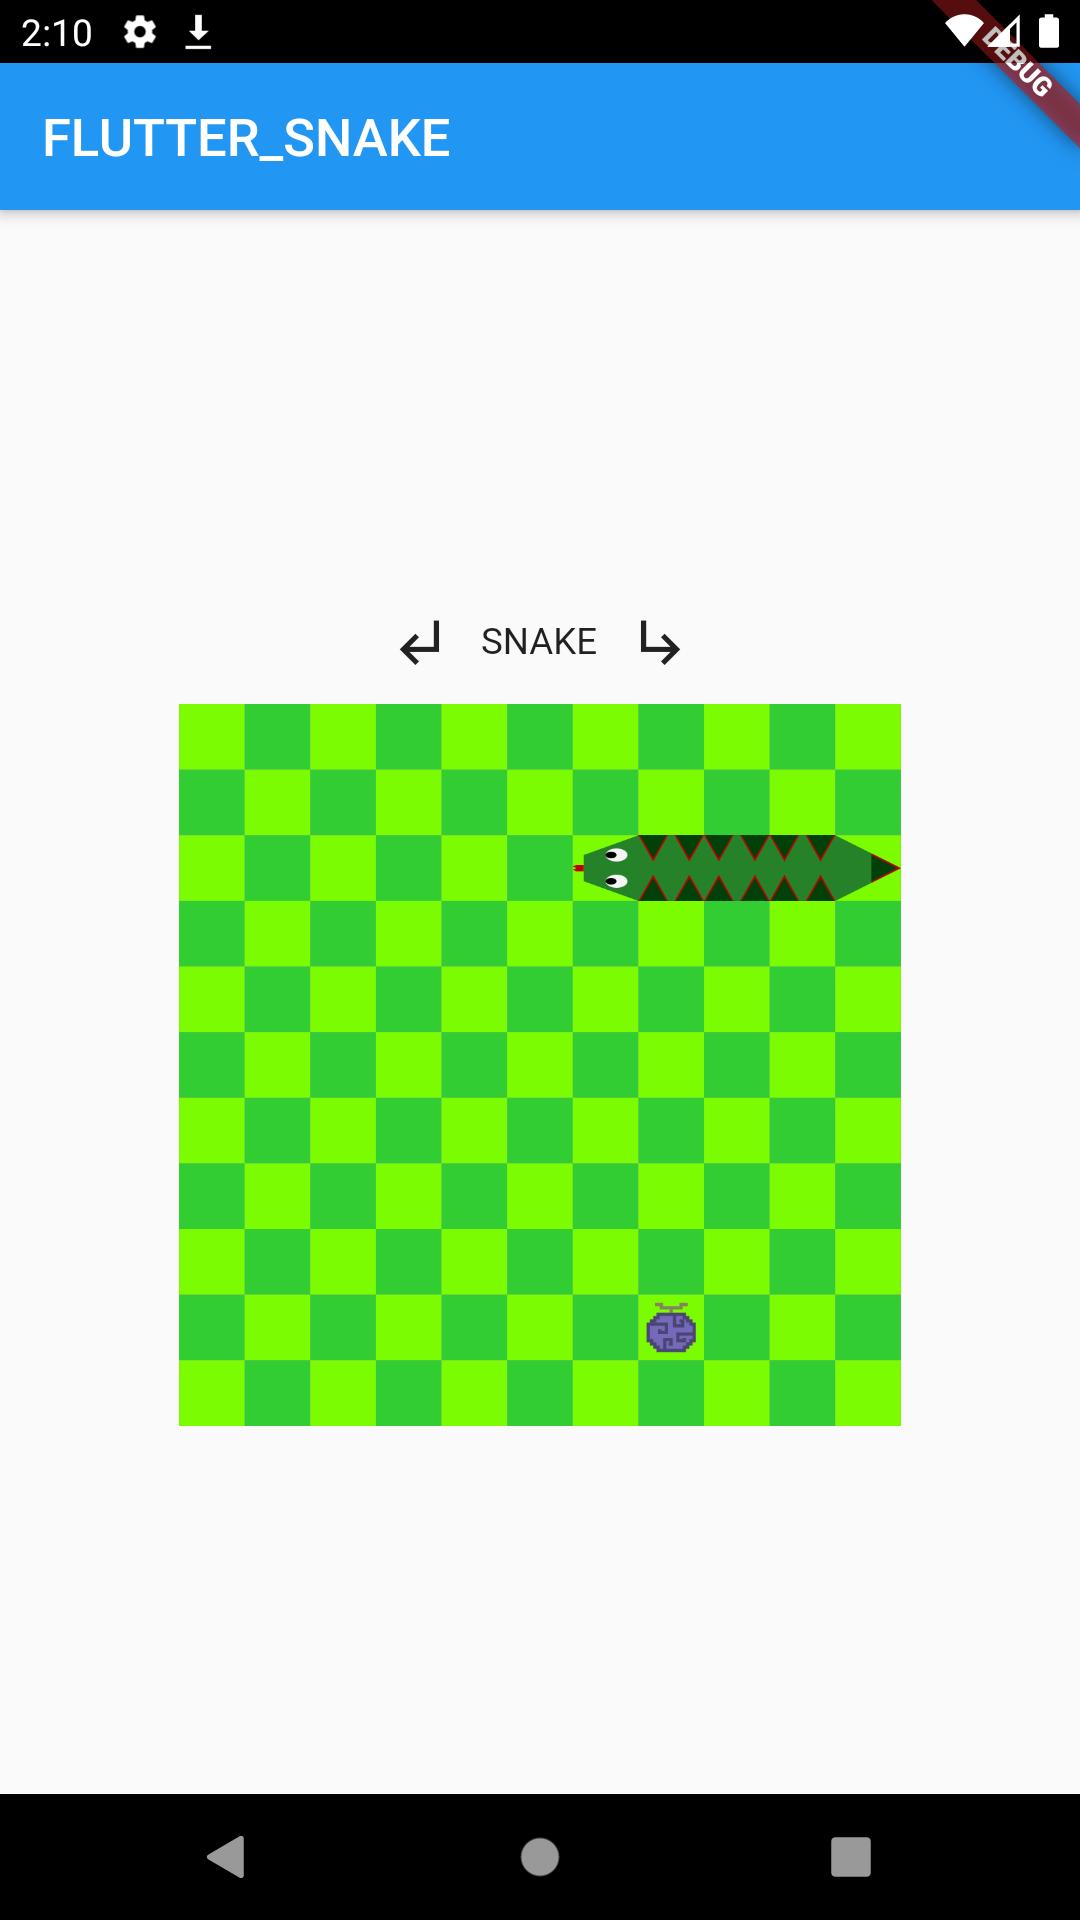 A little snake